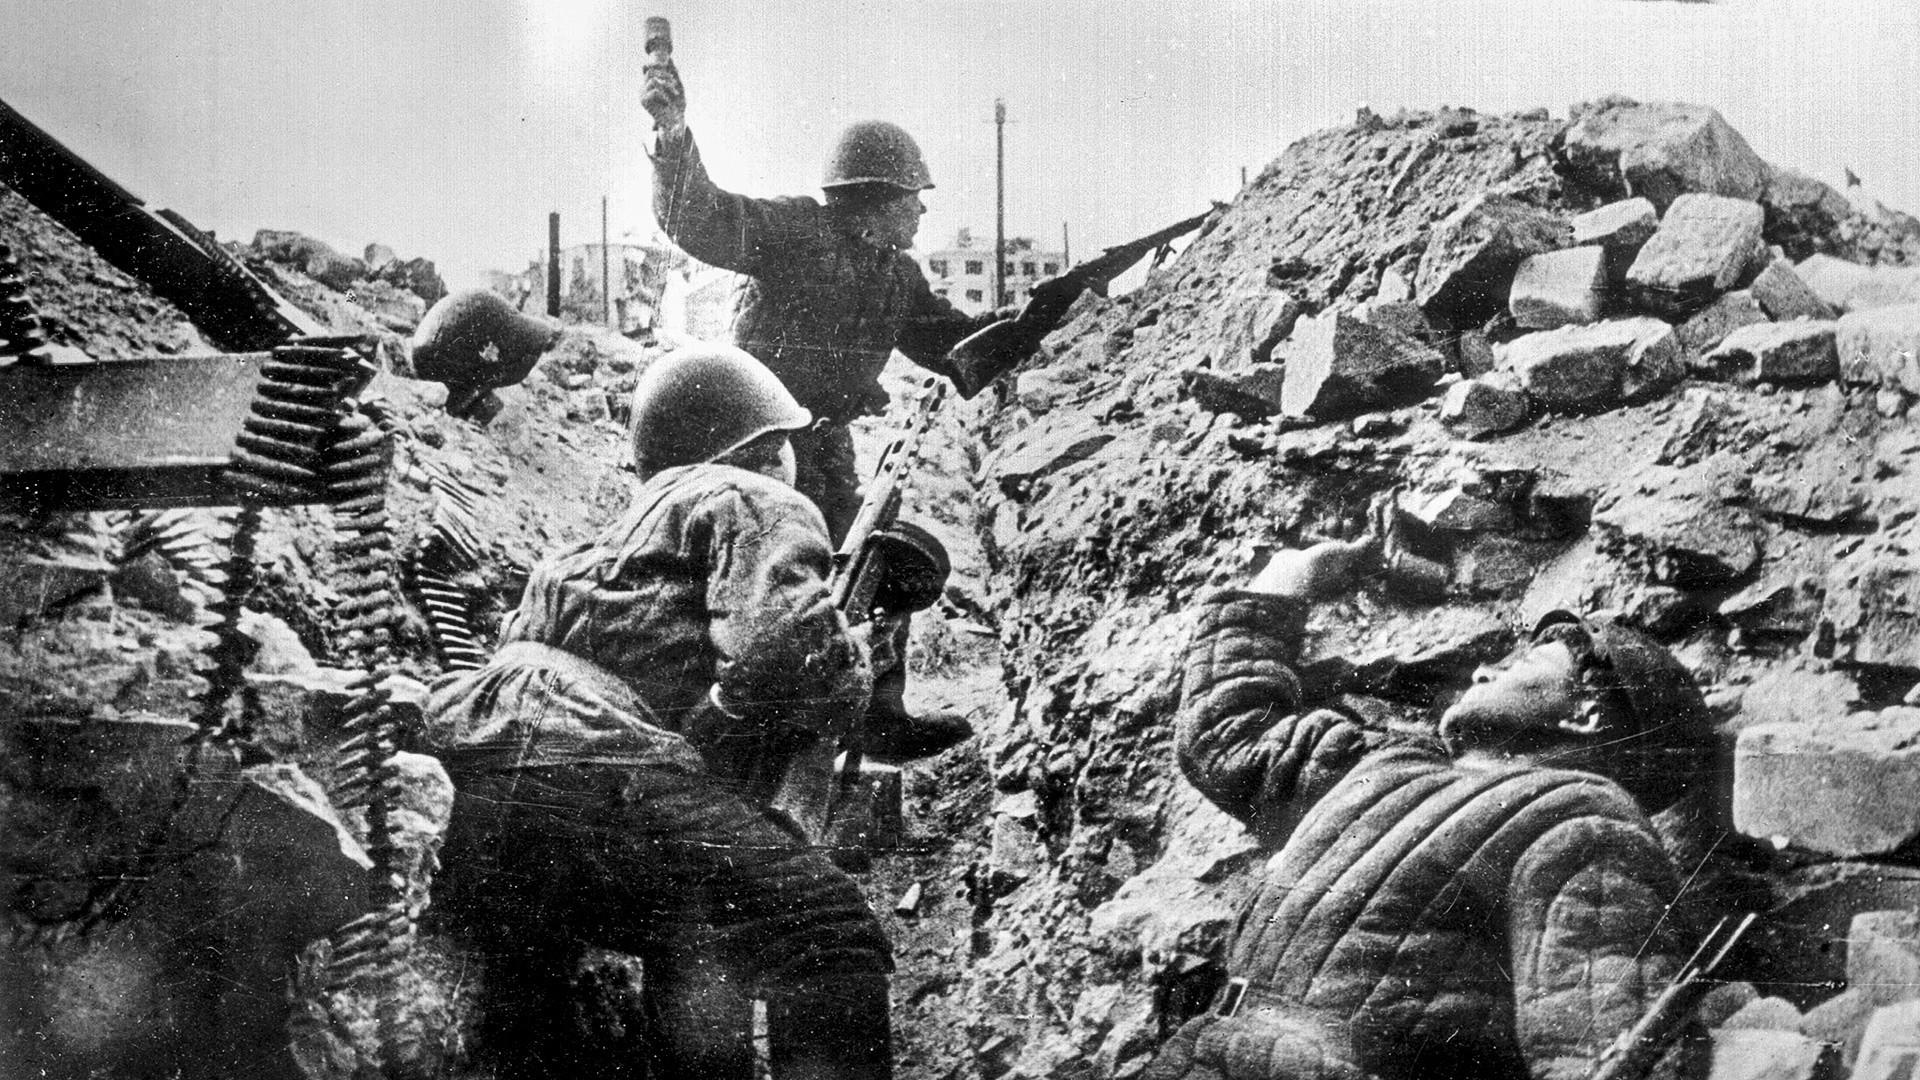 Soldados soviéticos en la Batalla de Stalingrado